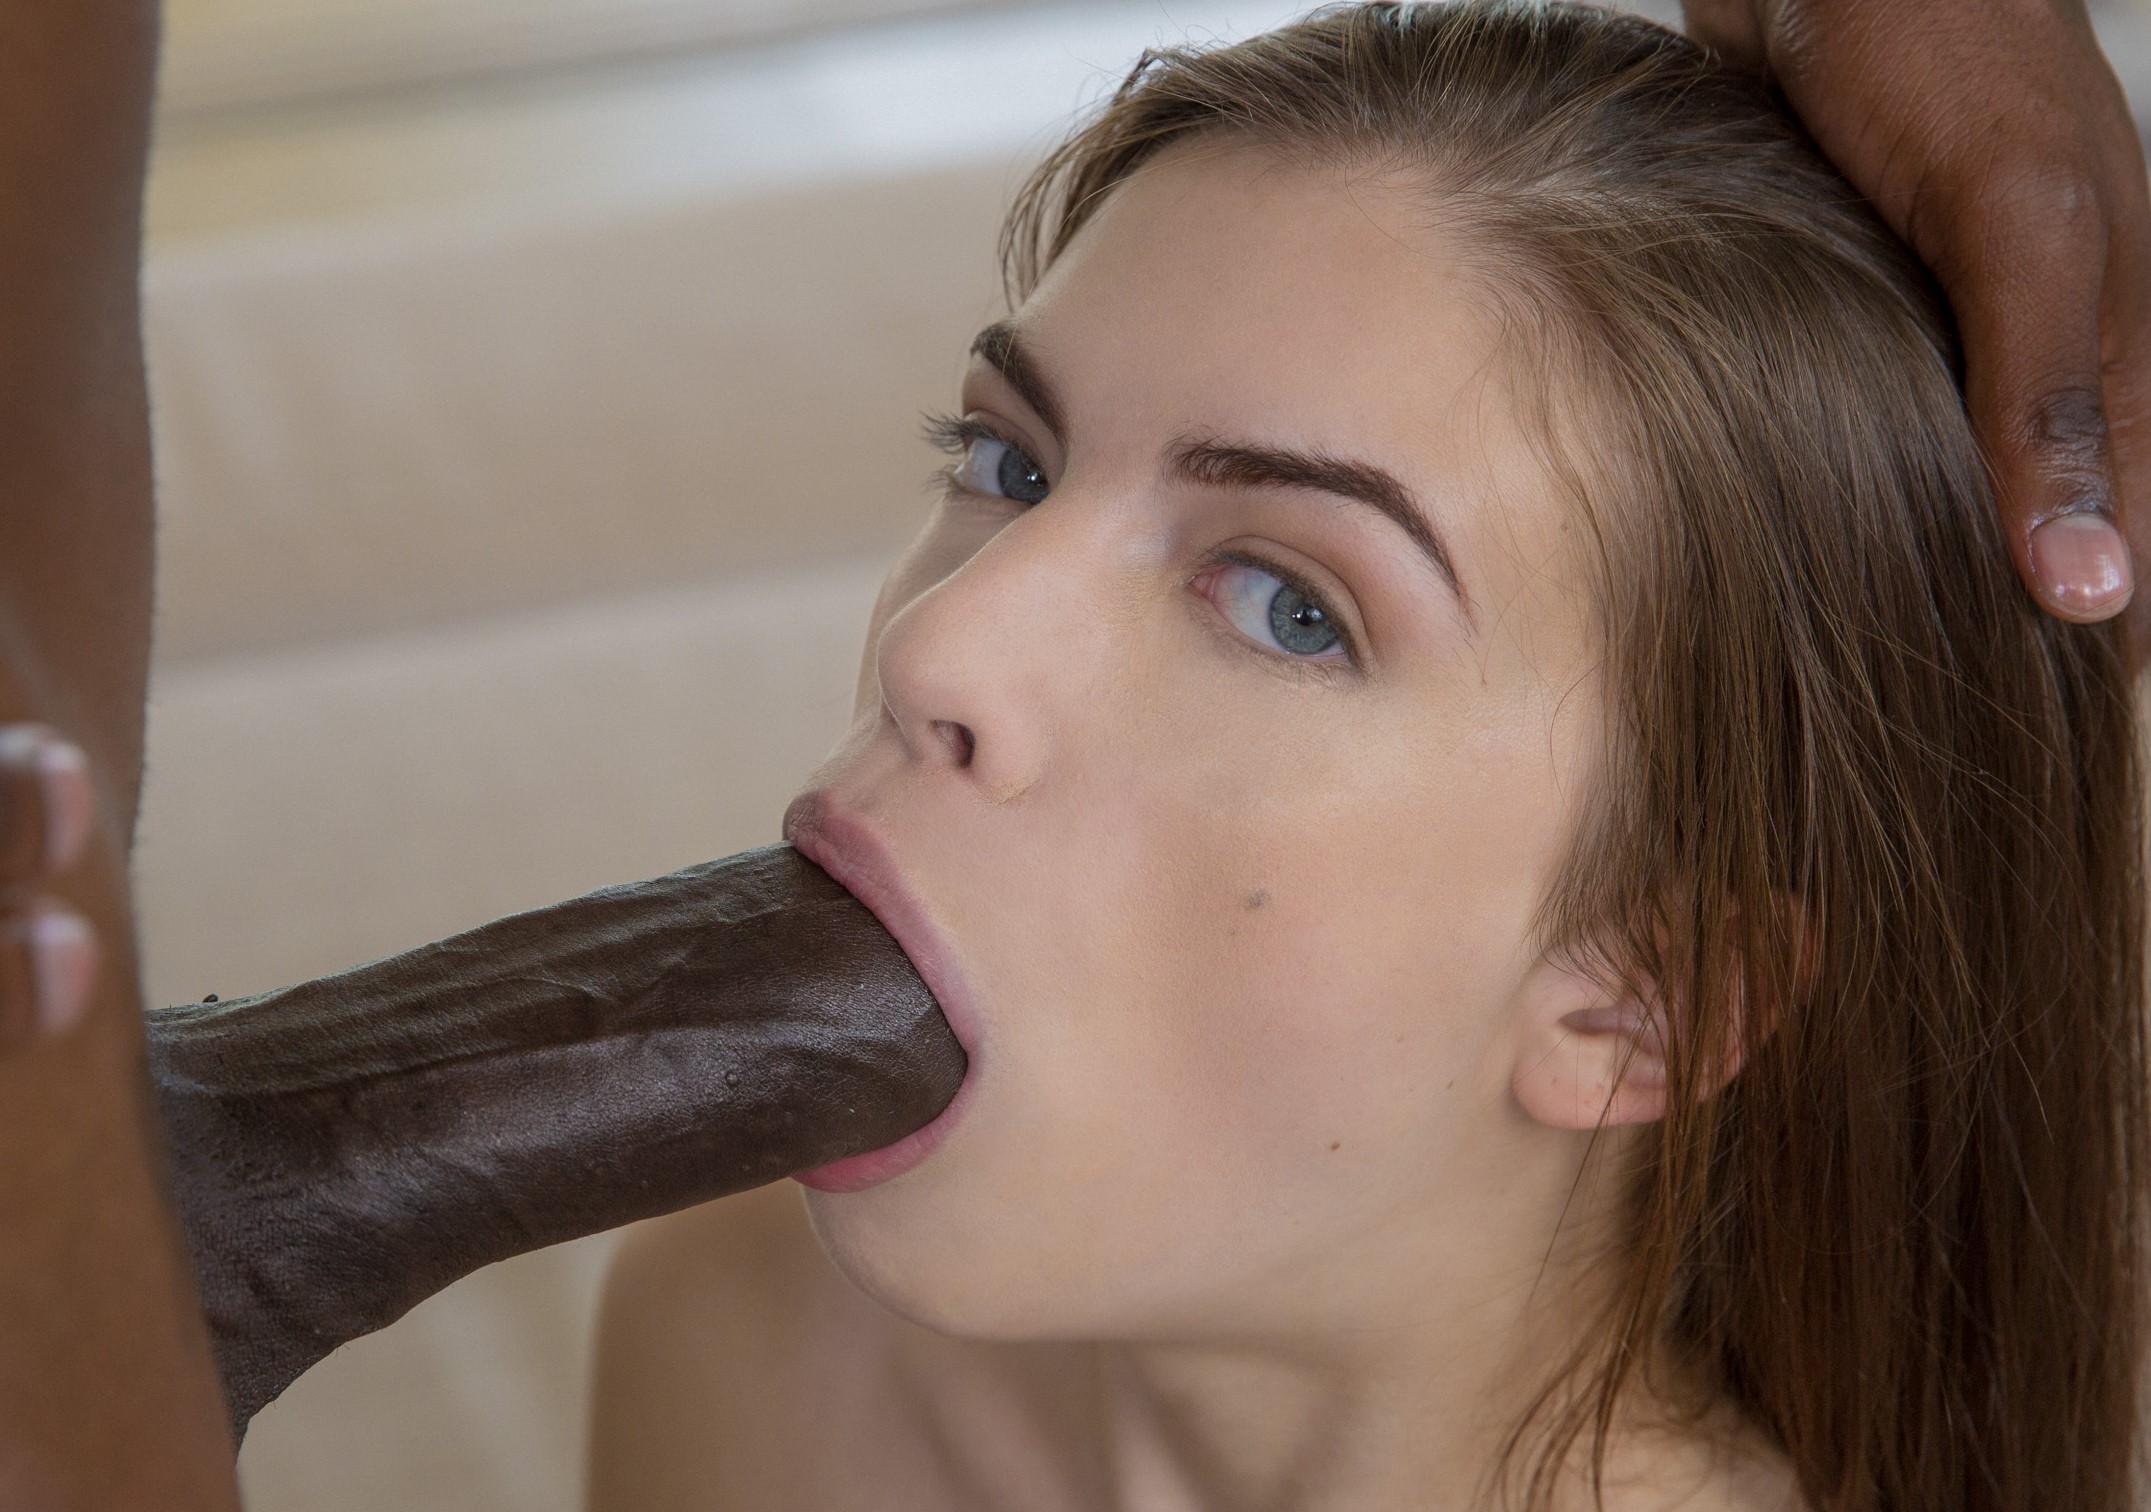 Zoe Wood disfruta de una verga grande (interracial)